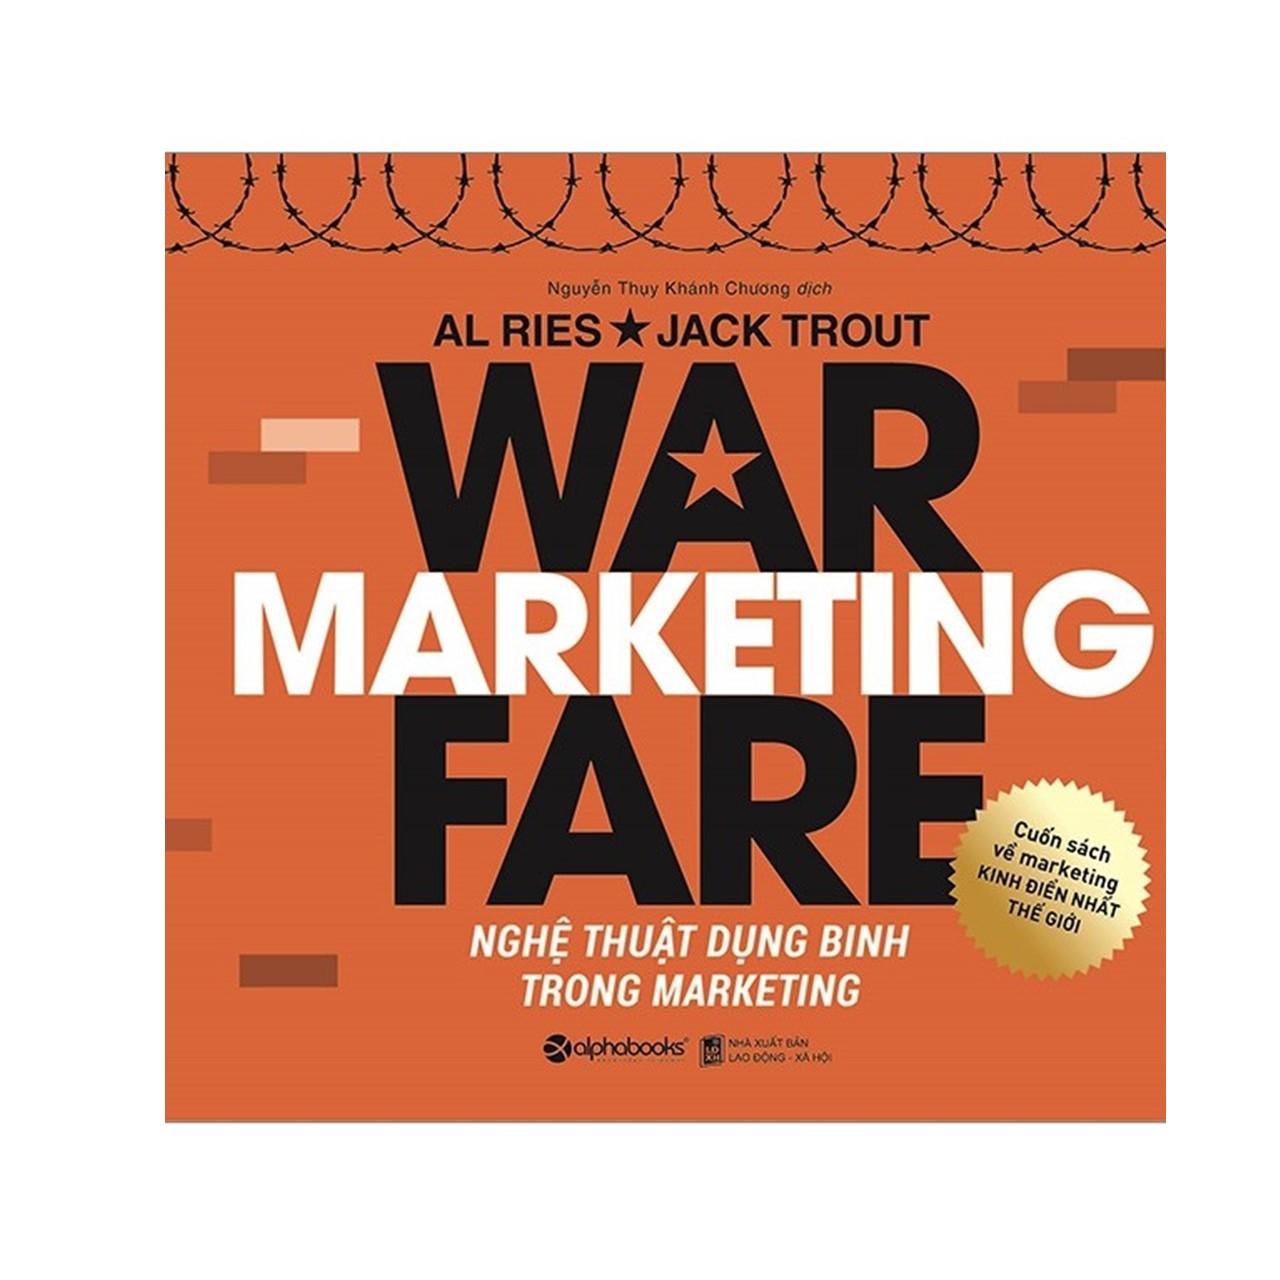 Combo Chiến Lược Marketing Hiện Đại: HBR ON - Marketing Chiến Lược + Nghệ Thuật Dụng Binh Trong Marketing